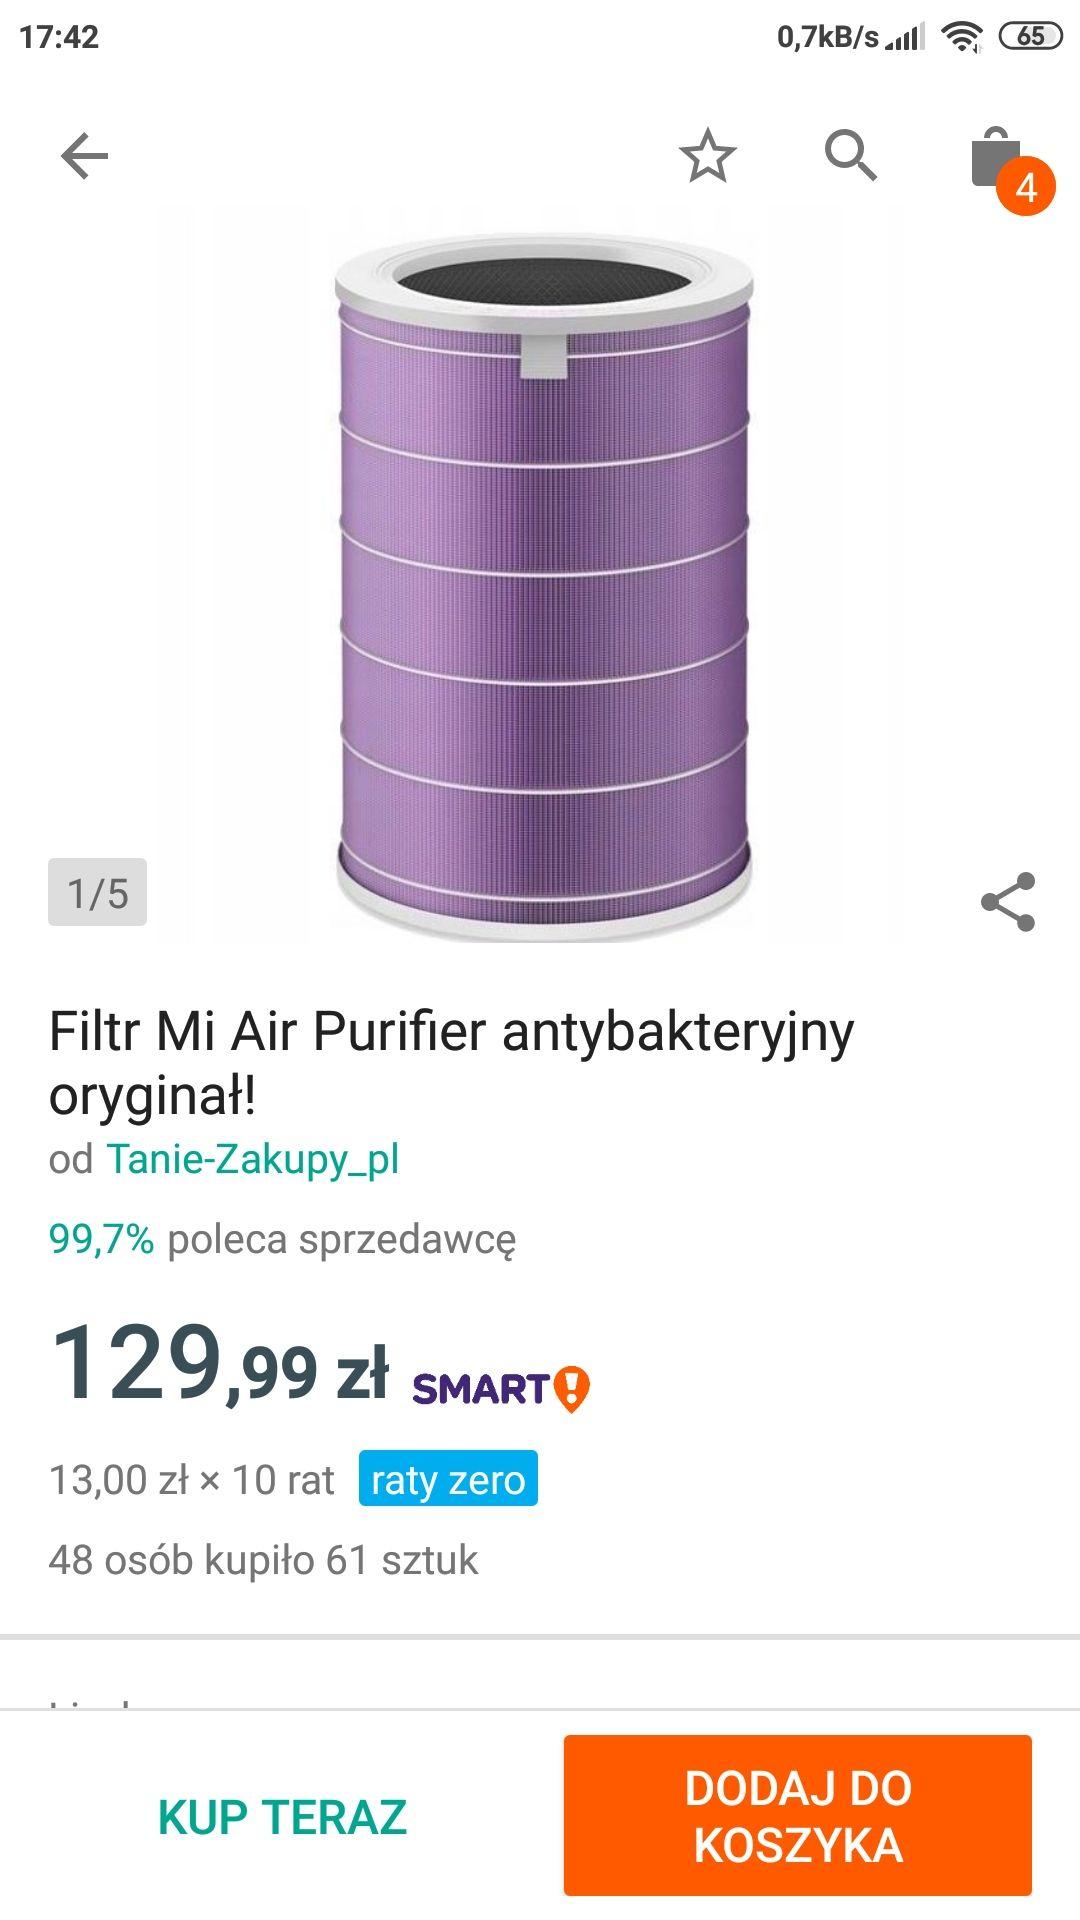 Oryginalny Filtr Antybakteryjny Fioletowy Xiaomi Air Purifier